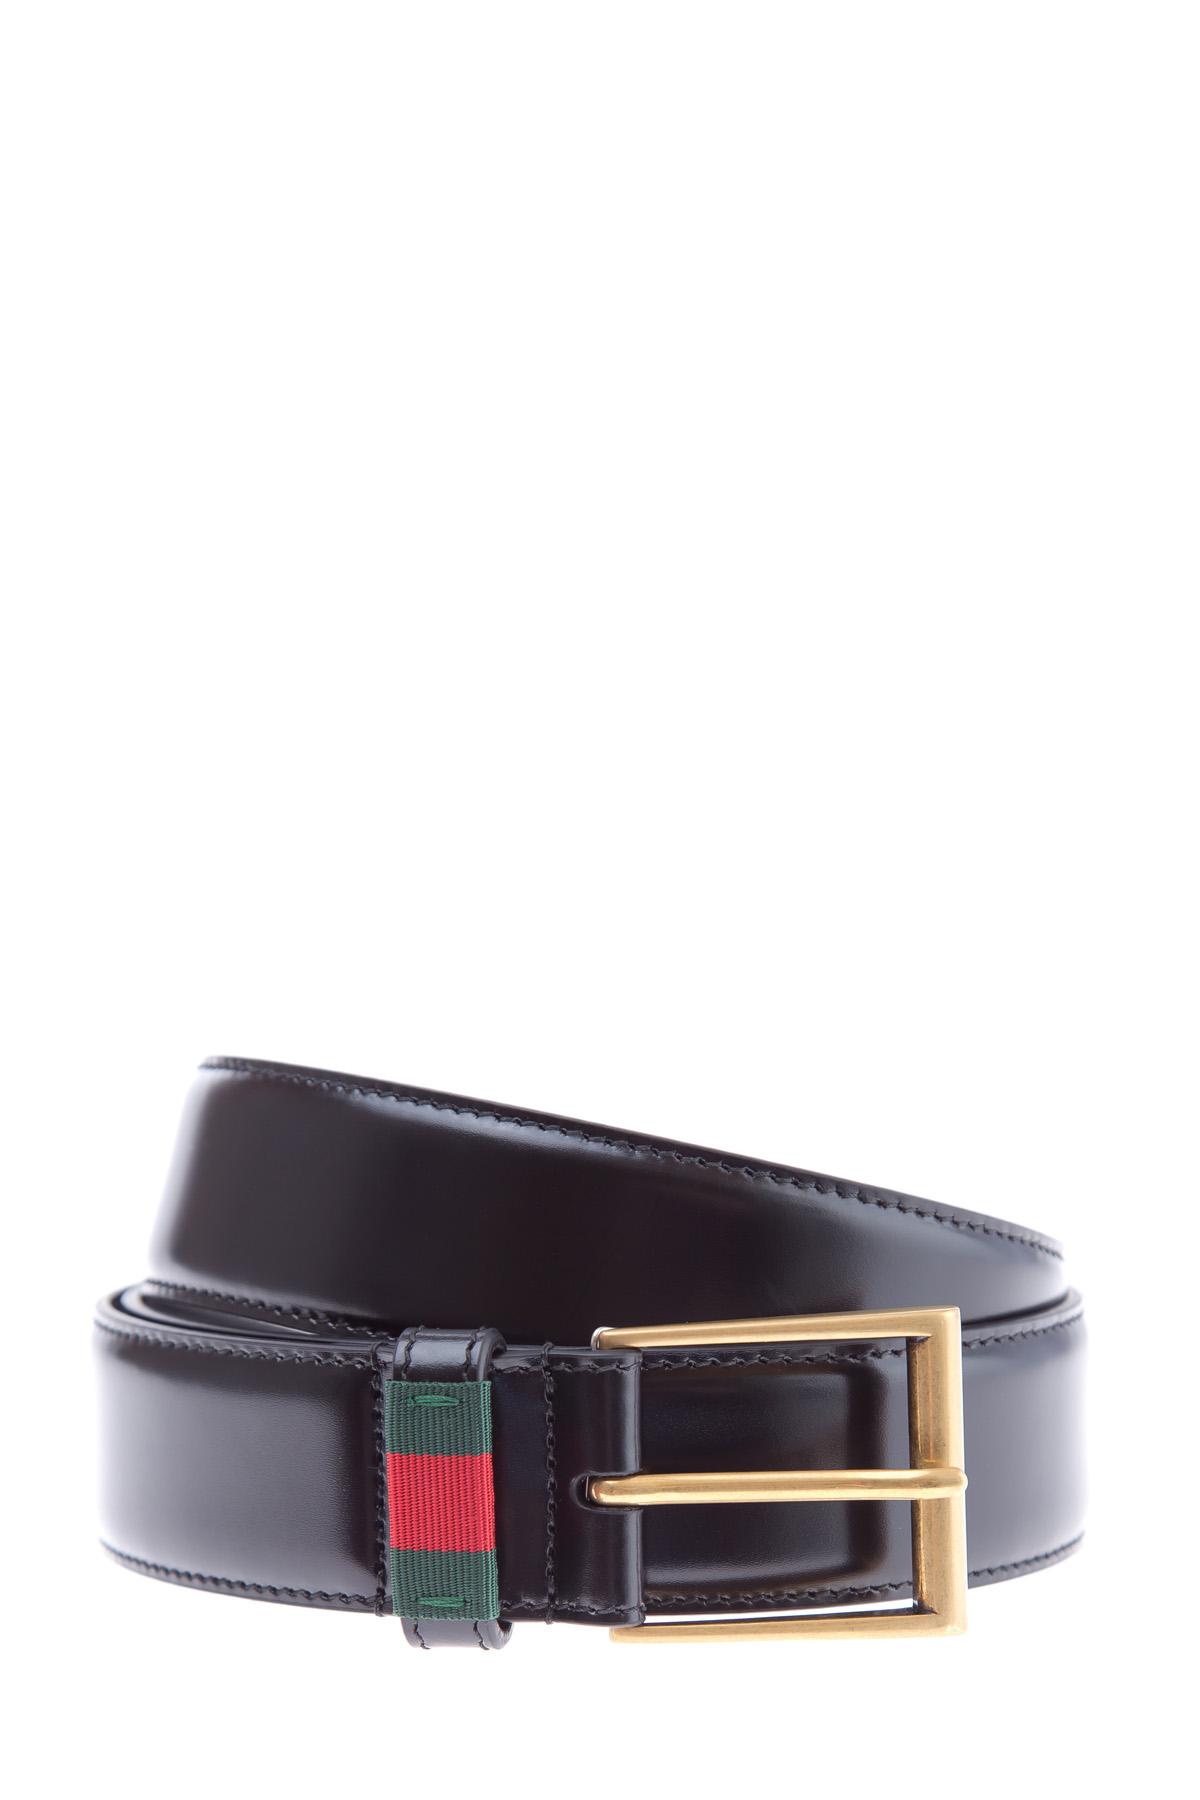 Купить со скидкой Ремень из кожи черного цвета с текстильной вставкой в фирменной гамме Web